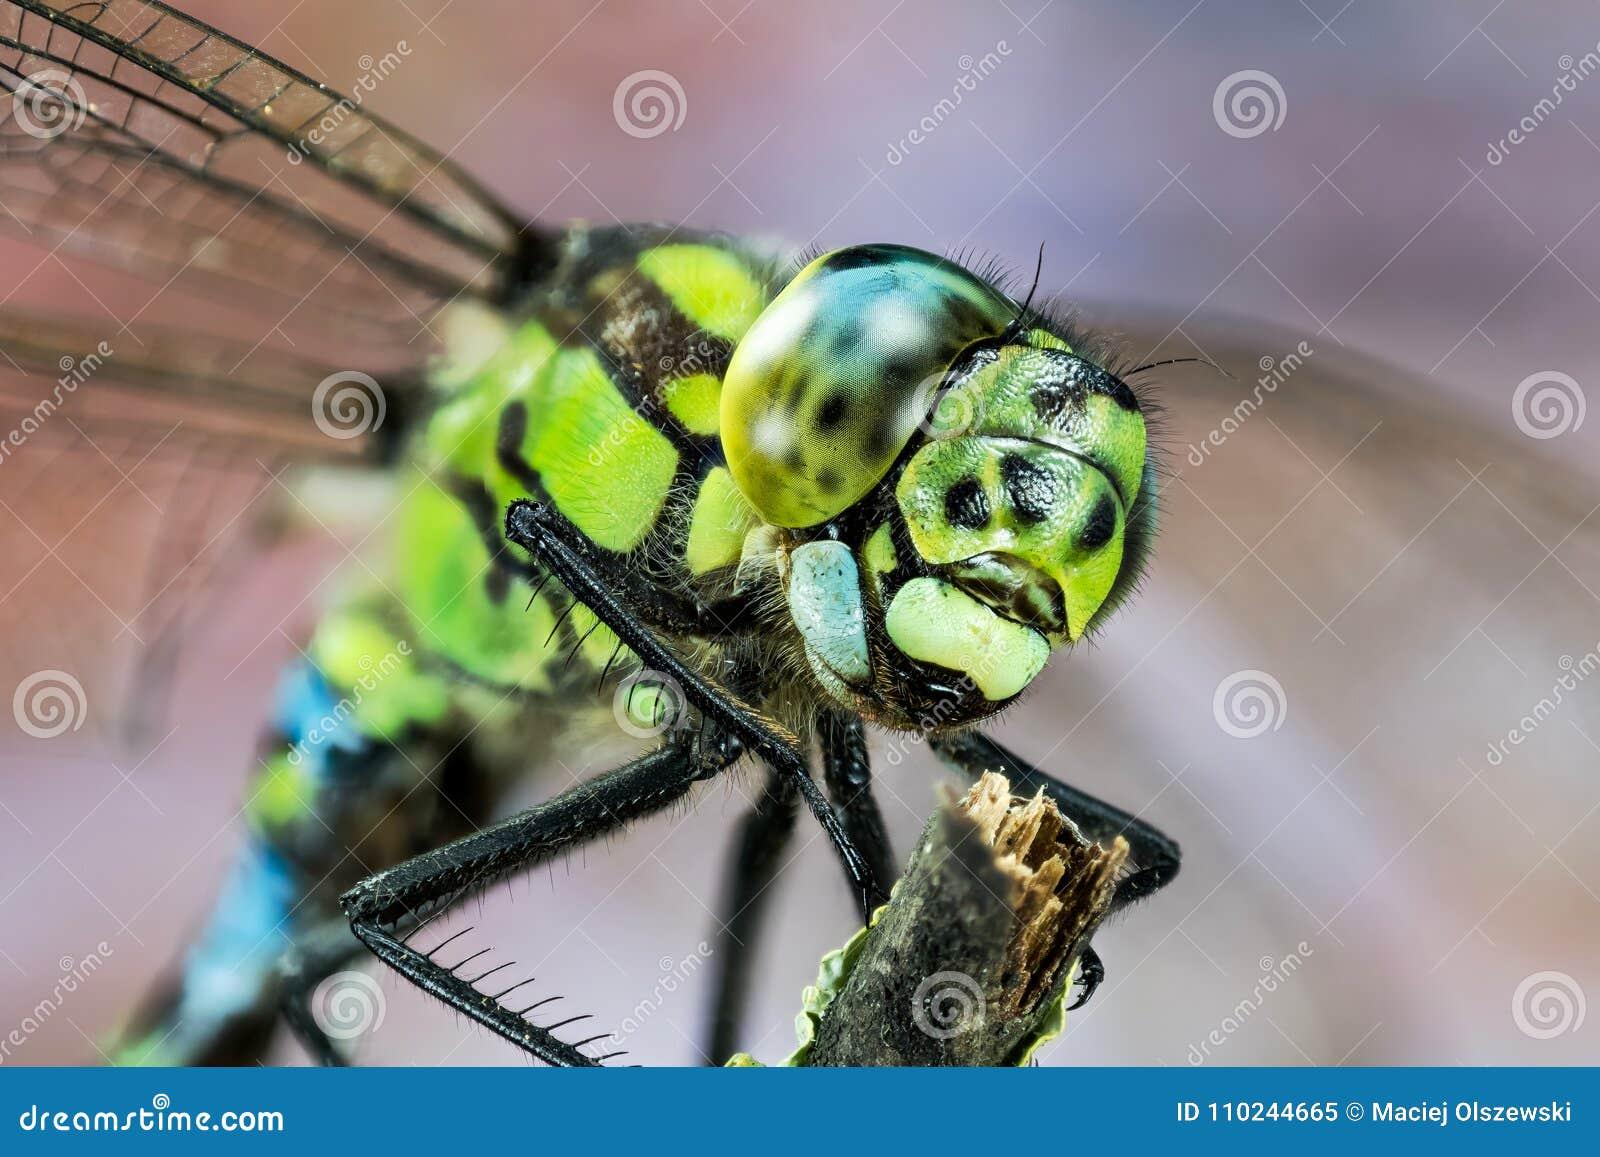 Общая лоточница, Dragonfly, Dragonfly лоточницы, juncea Aeshna